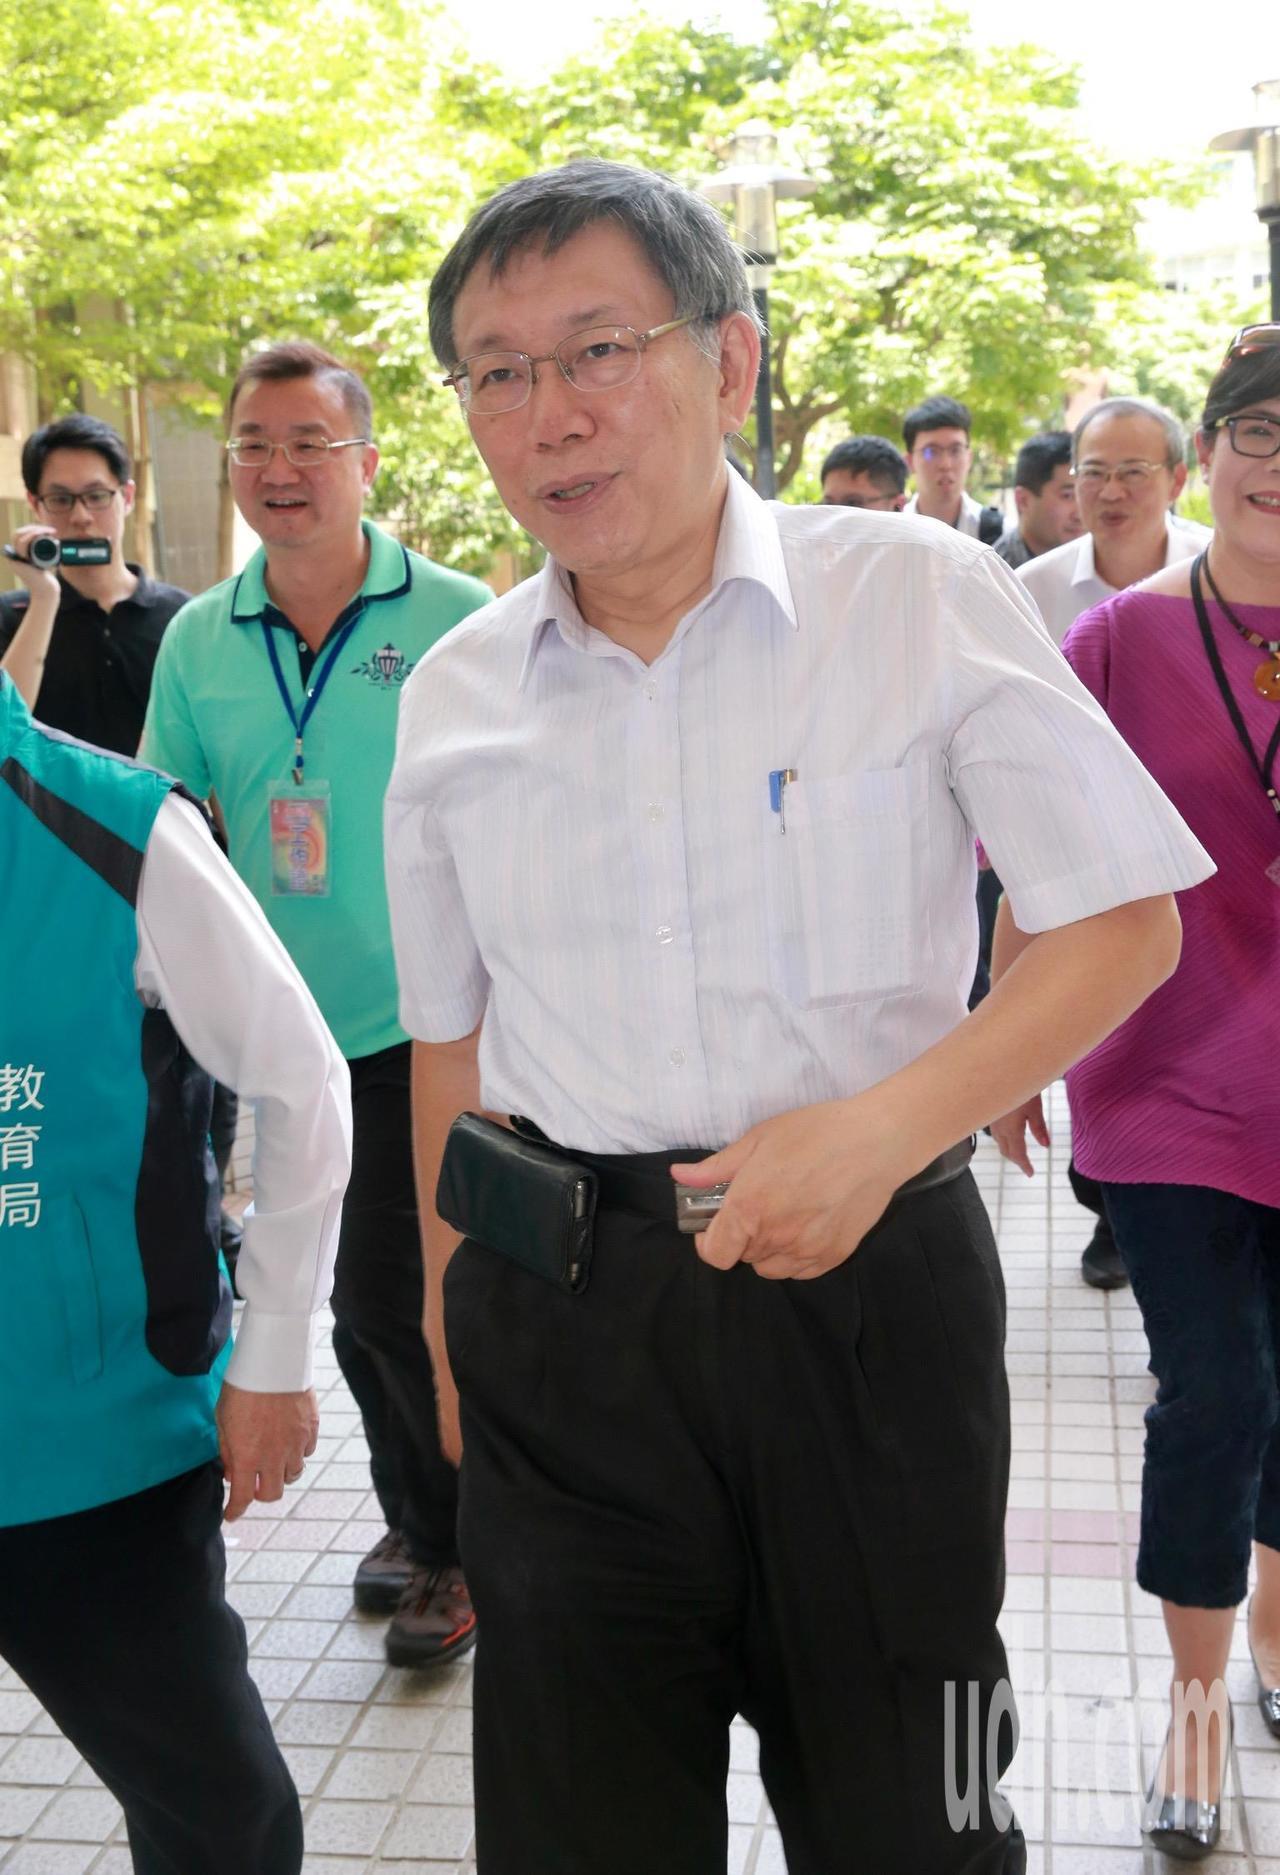 台北市長柯文哲對於民進黨批評他的兩岸立場表示,「抹紅柯文哲」是民進黨的一貫戰術從...